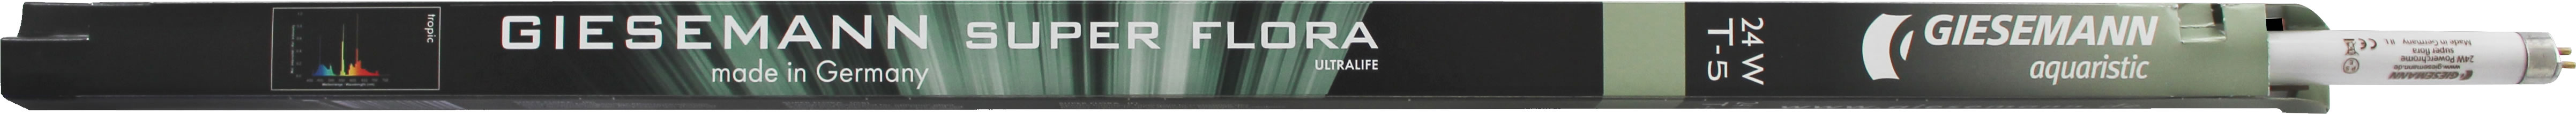 Giesemann T5 SUPER FLORA Leuchtstoffröhre Pflanzenröhre Aquarium Lampe